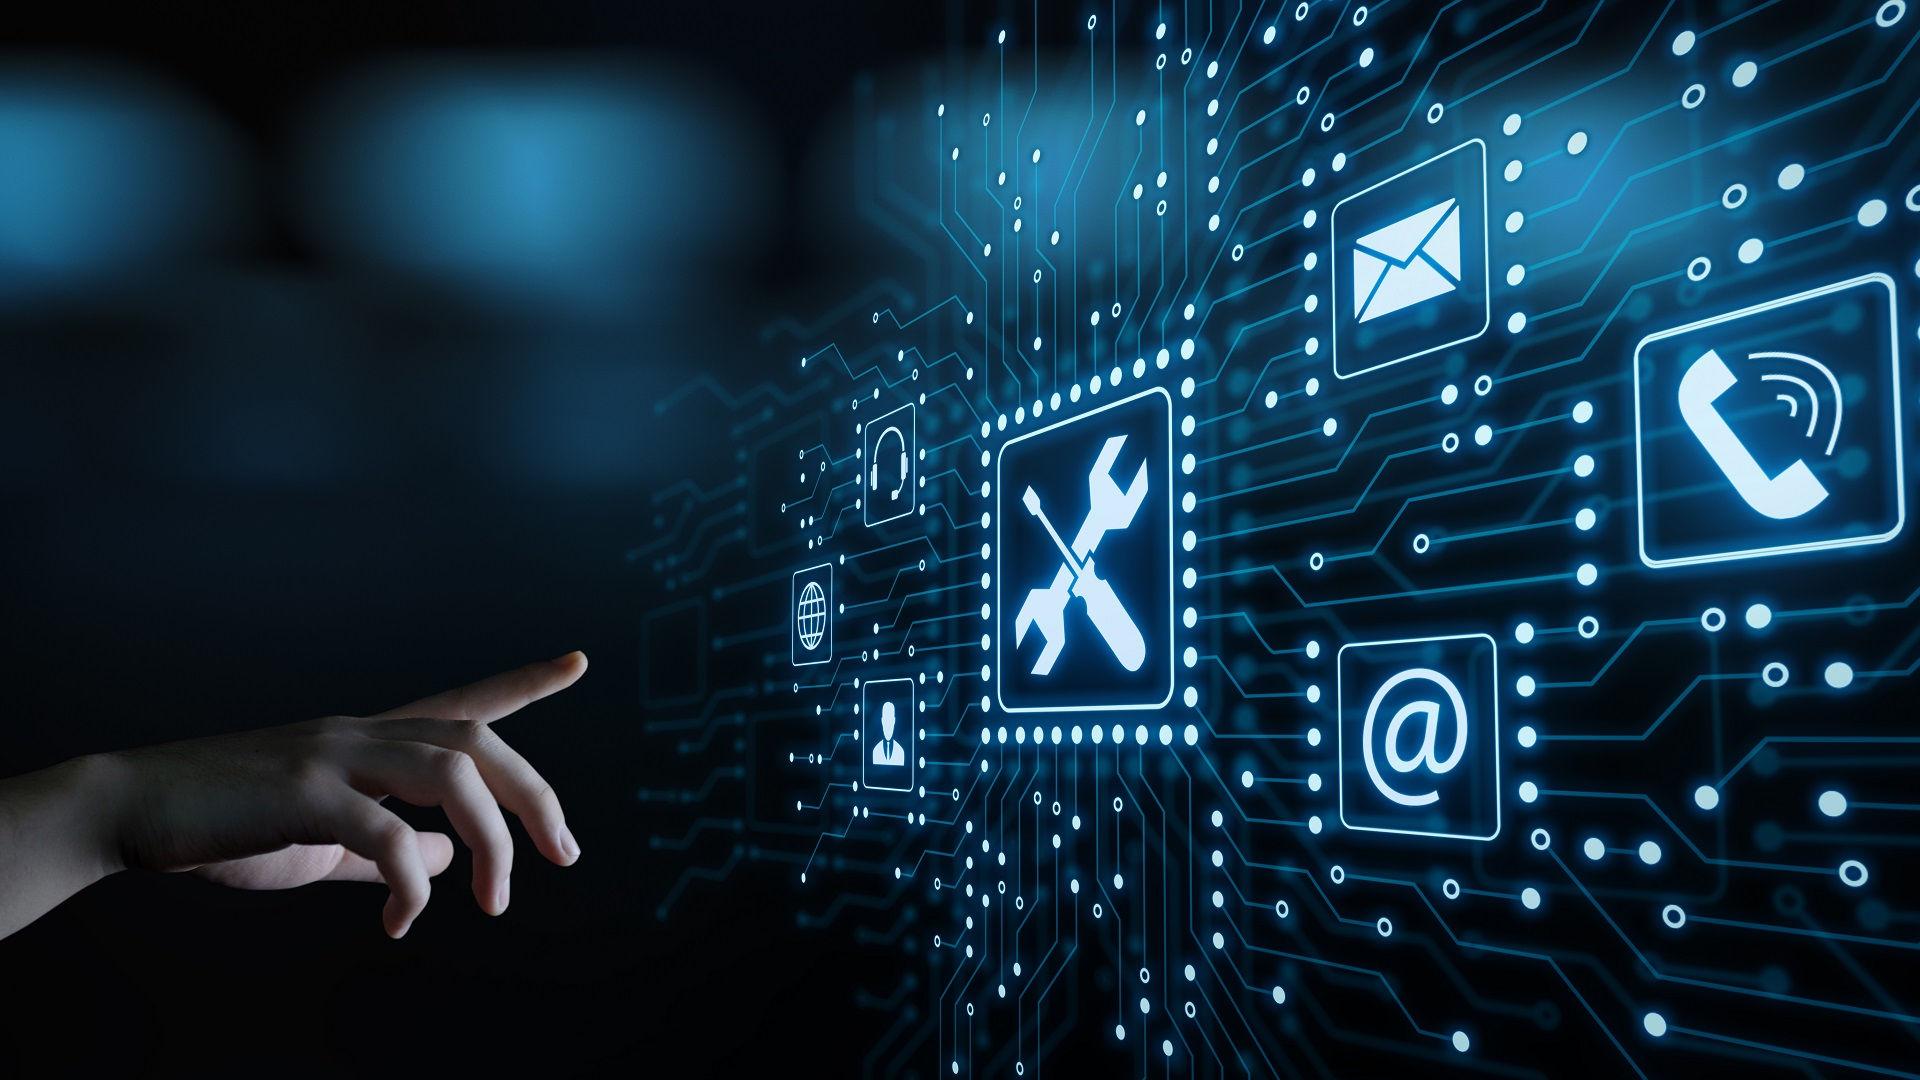 Техническая поддержка ИТ-инфраструктуры организации (HelpDesk)